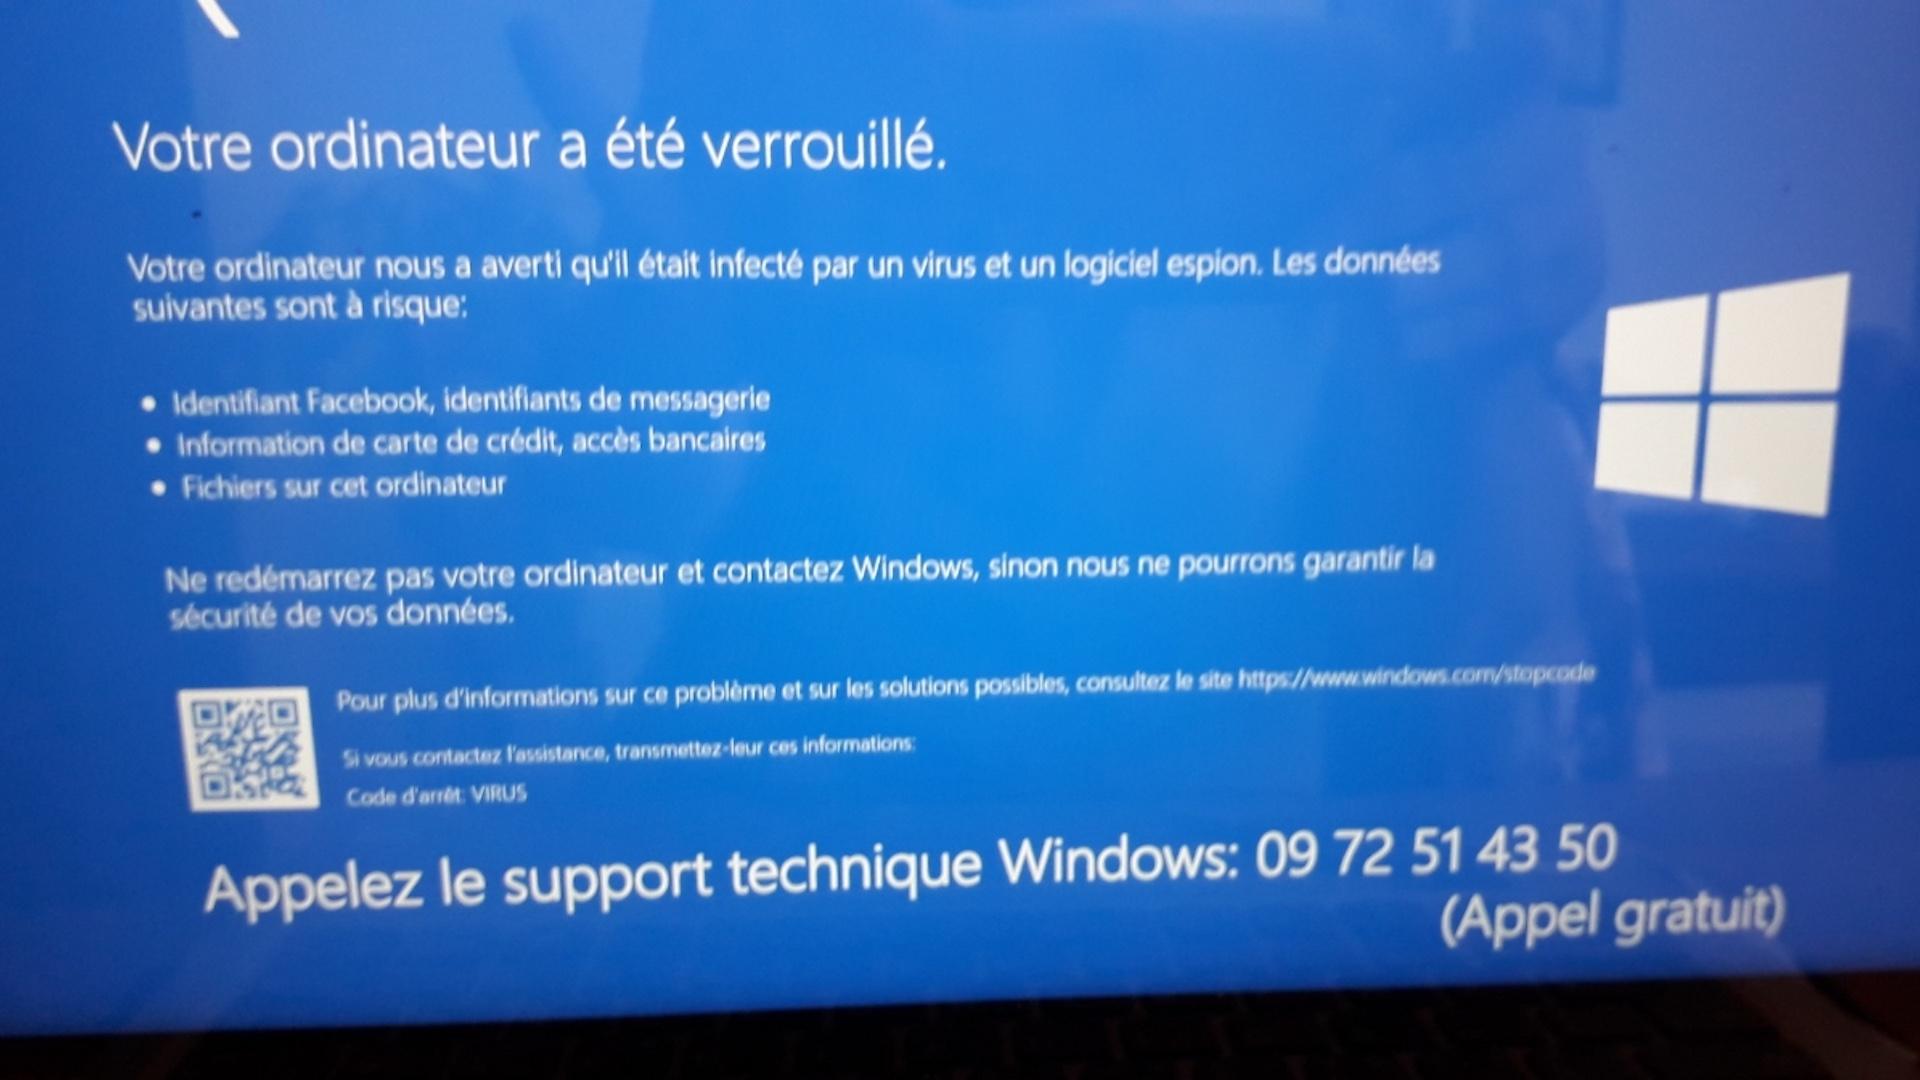 «Votre ordinateur a été verrouillé»: n'appelez pas, c'est une arnaque au support technique